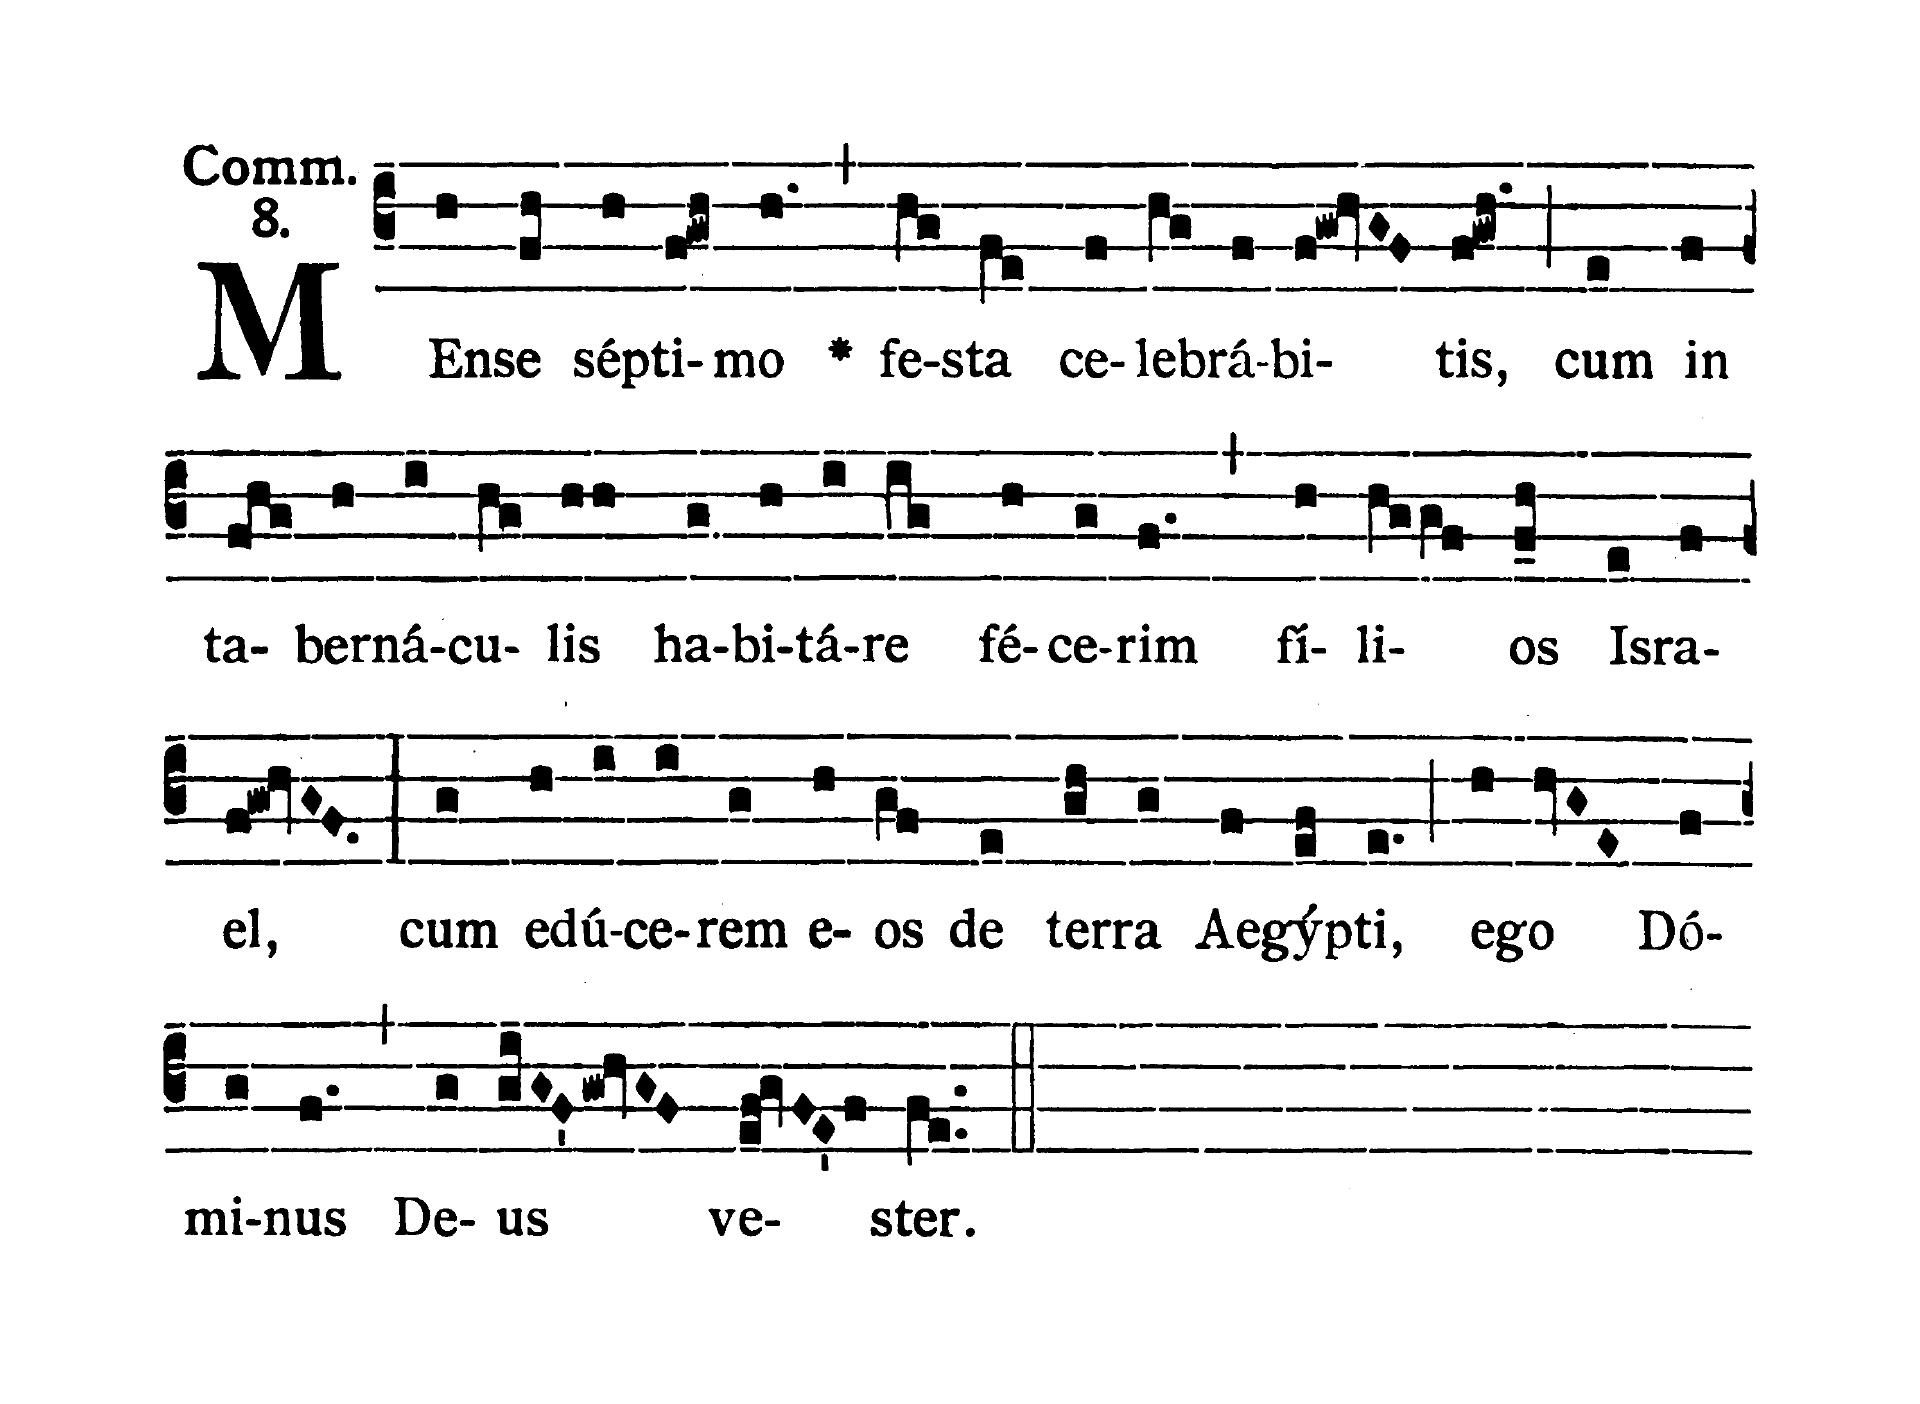 Sabbato Quatuor Temporum Septembris (Sobota suchych dni wrześniowych) - Communio (Mense septimo)